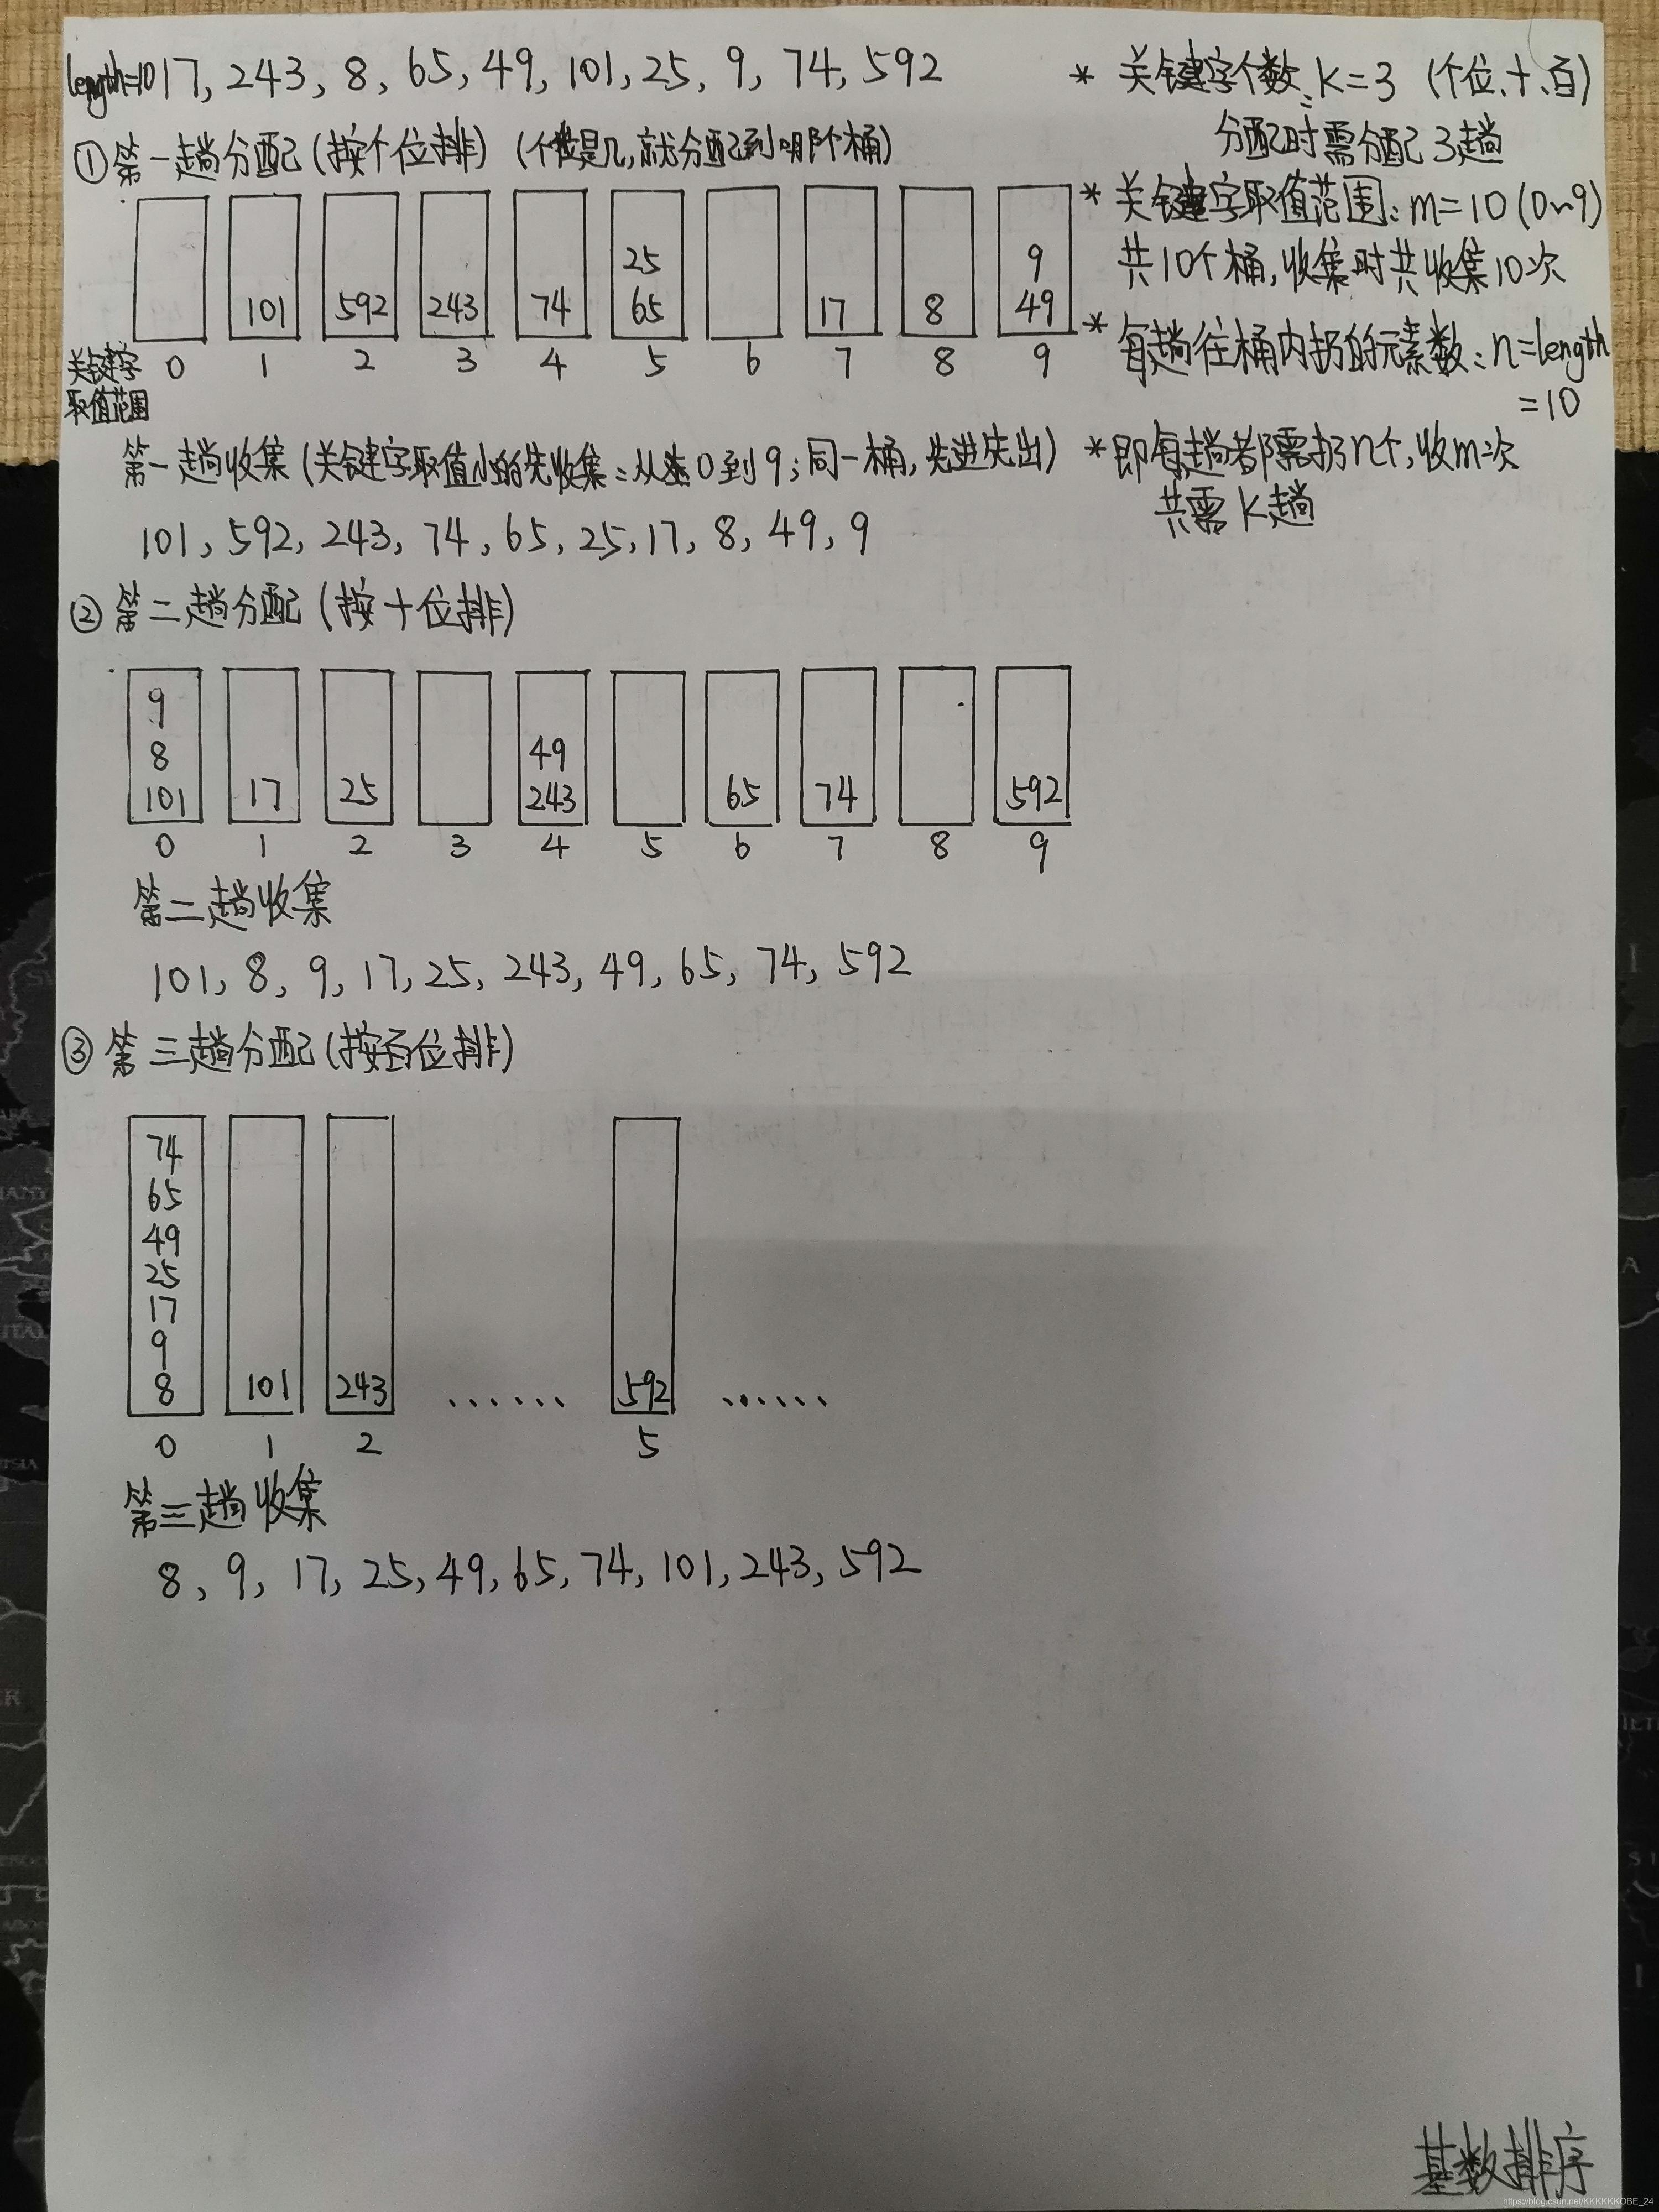 基数排序示例